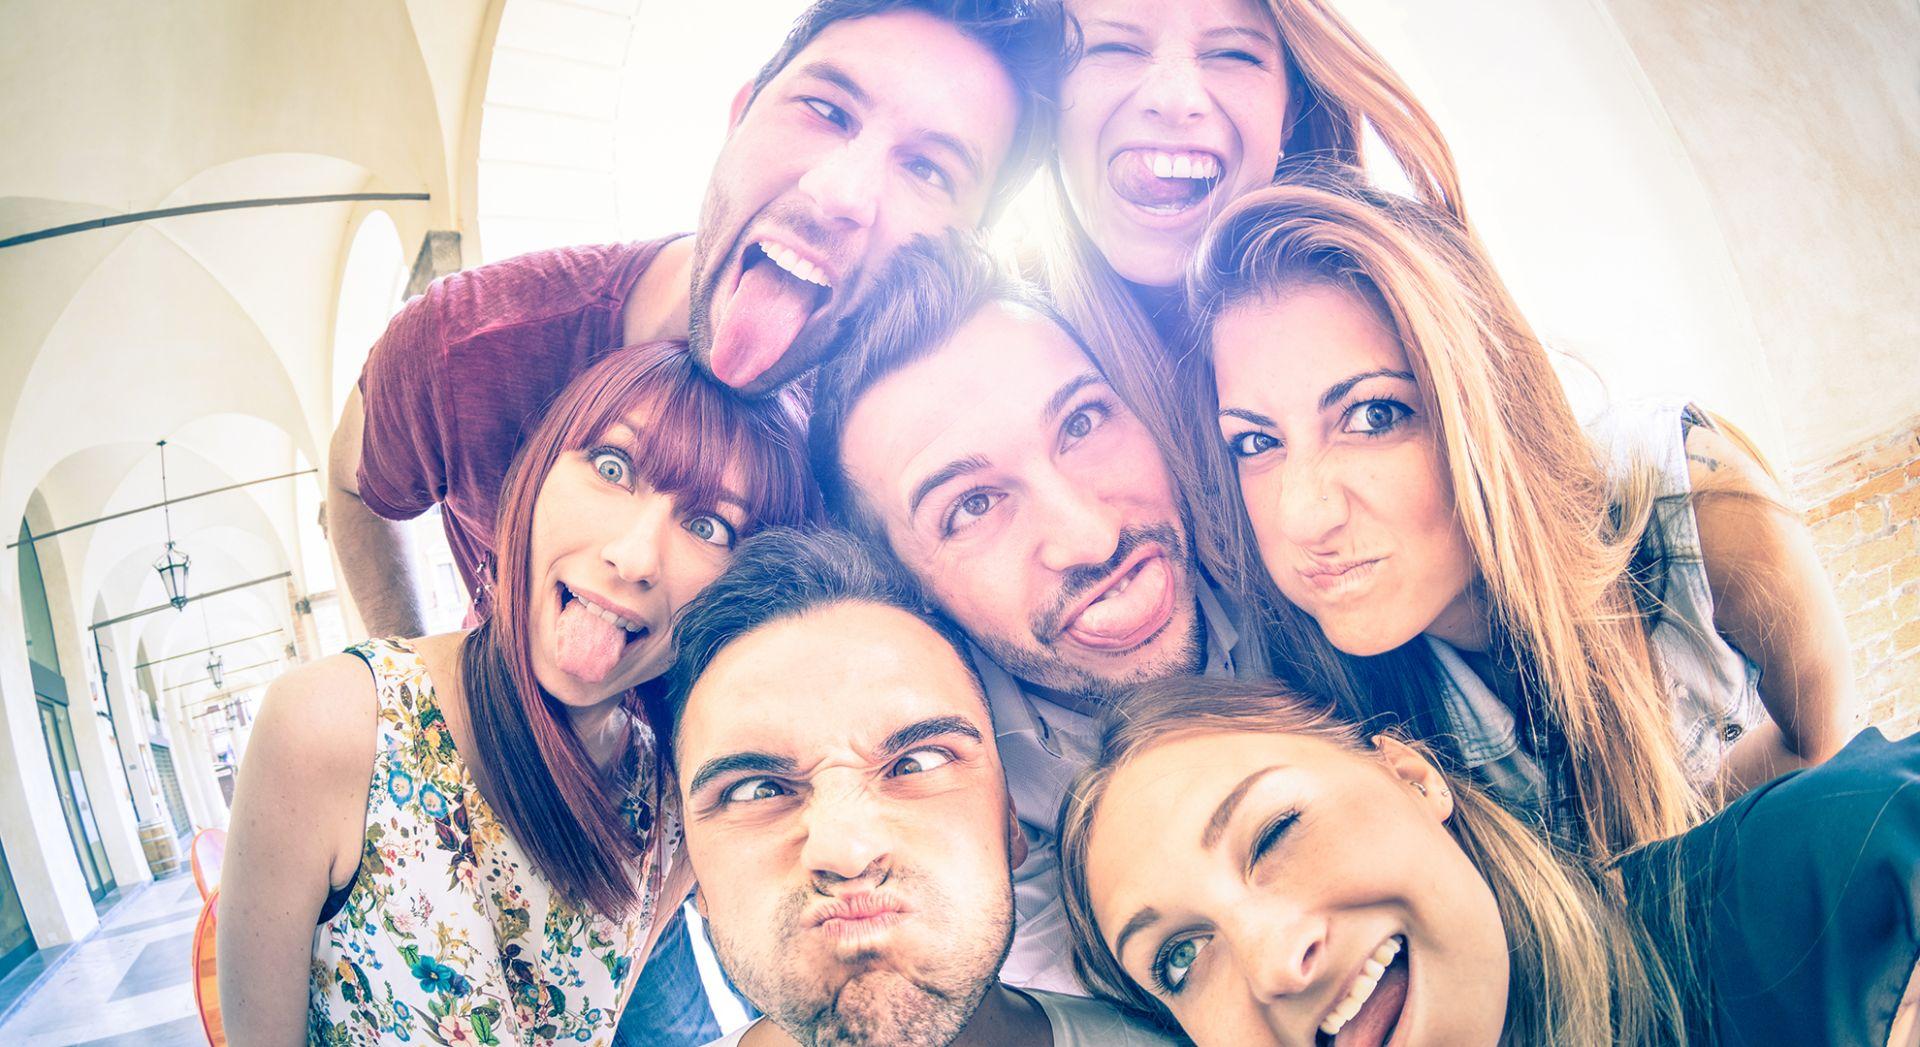 ryhmä nuoria ottaa selfien itsestään ja irvistelee